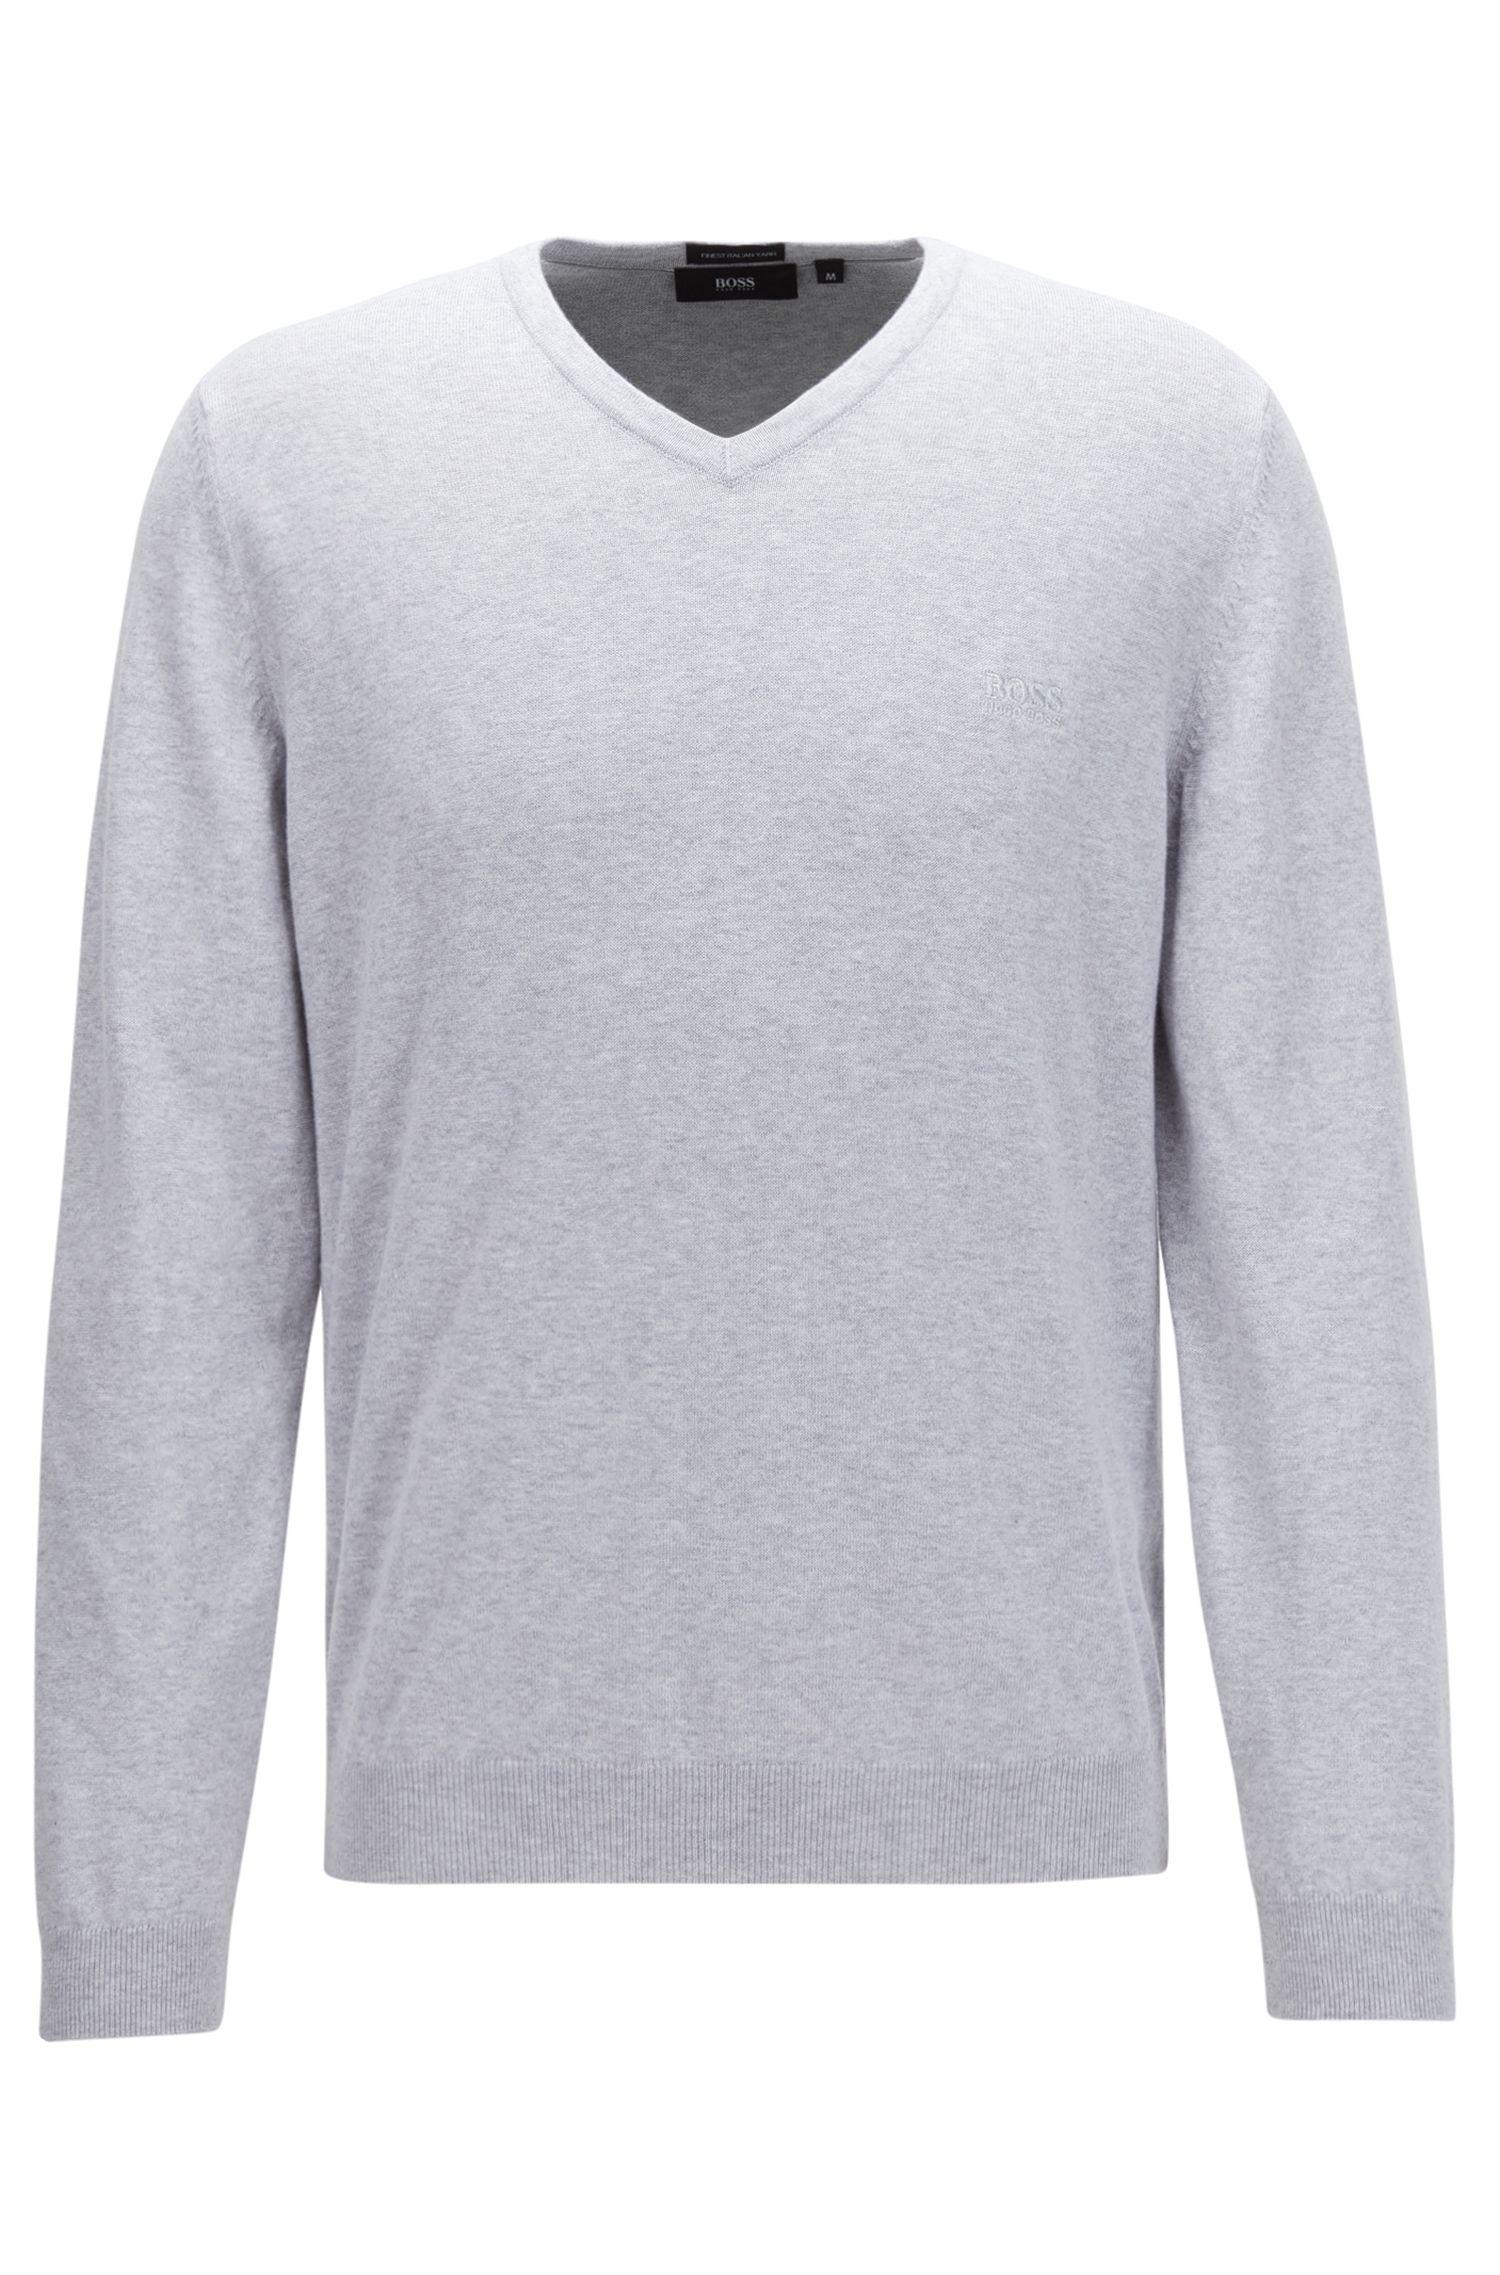 V-neck sweater in Italian cotton